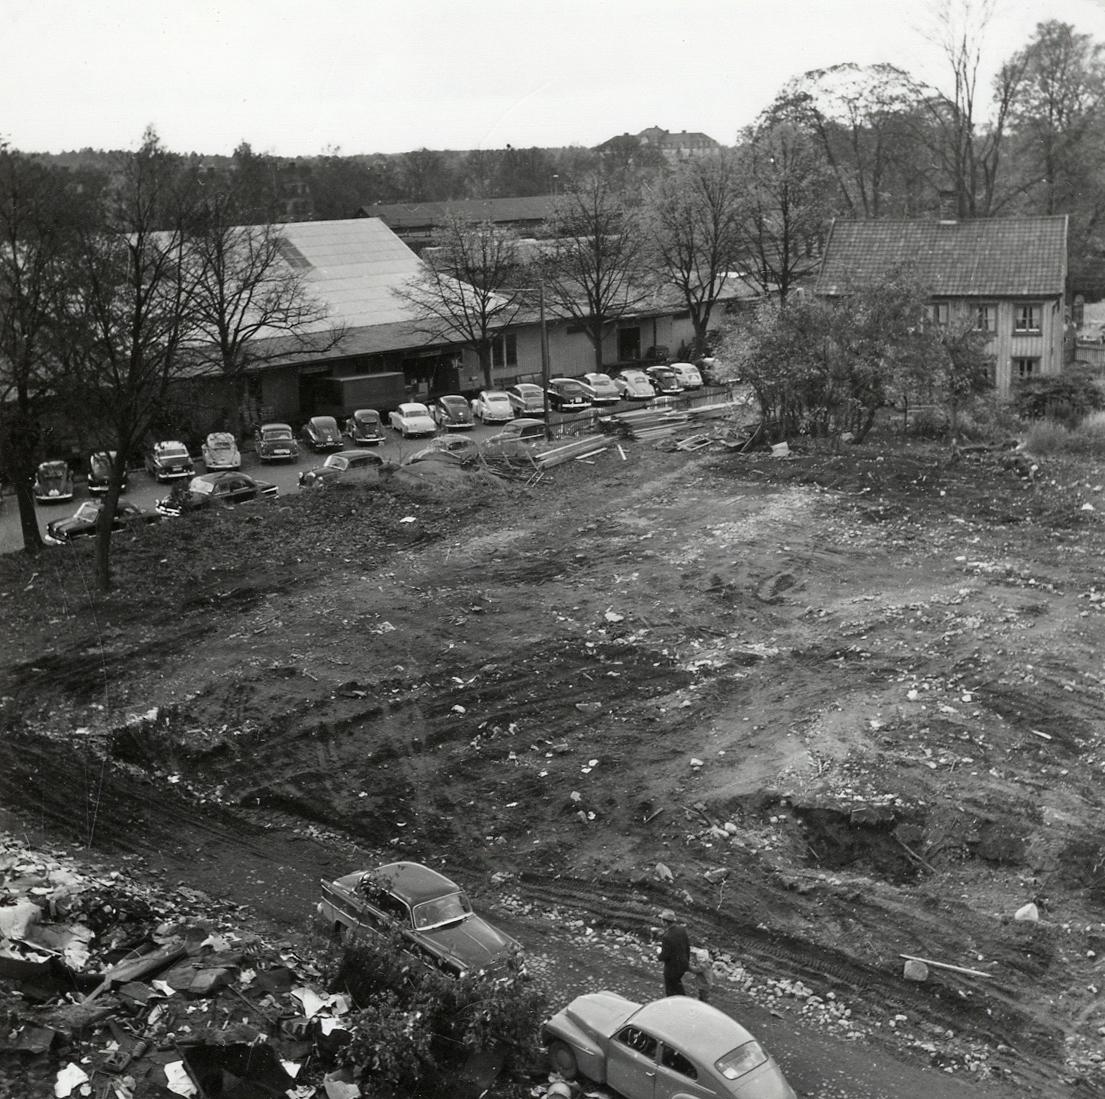 """""""Båtsmansbacken"""". Kvarteret Lugnet efter nästan total rivning, 1961, I bakgrunden syns några magasin vid nuv. Norra Järnvägsgatan och bostadshuset på kv. Lugnet nr 4 b (som revs senare)."""